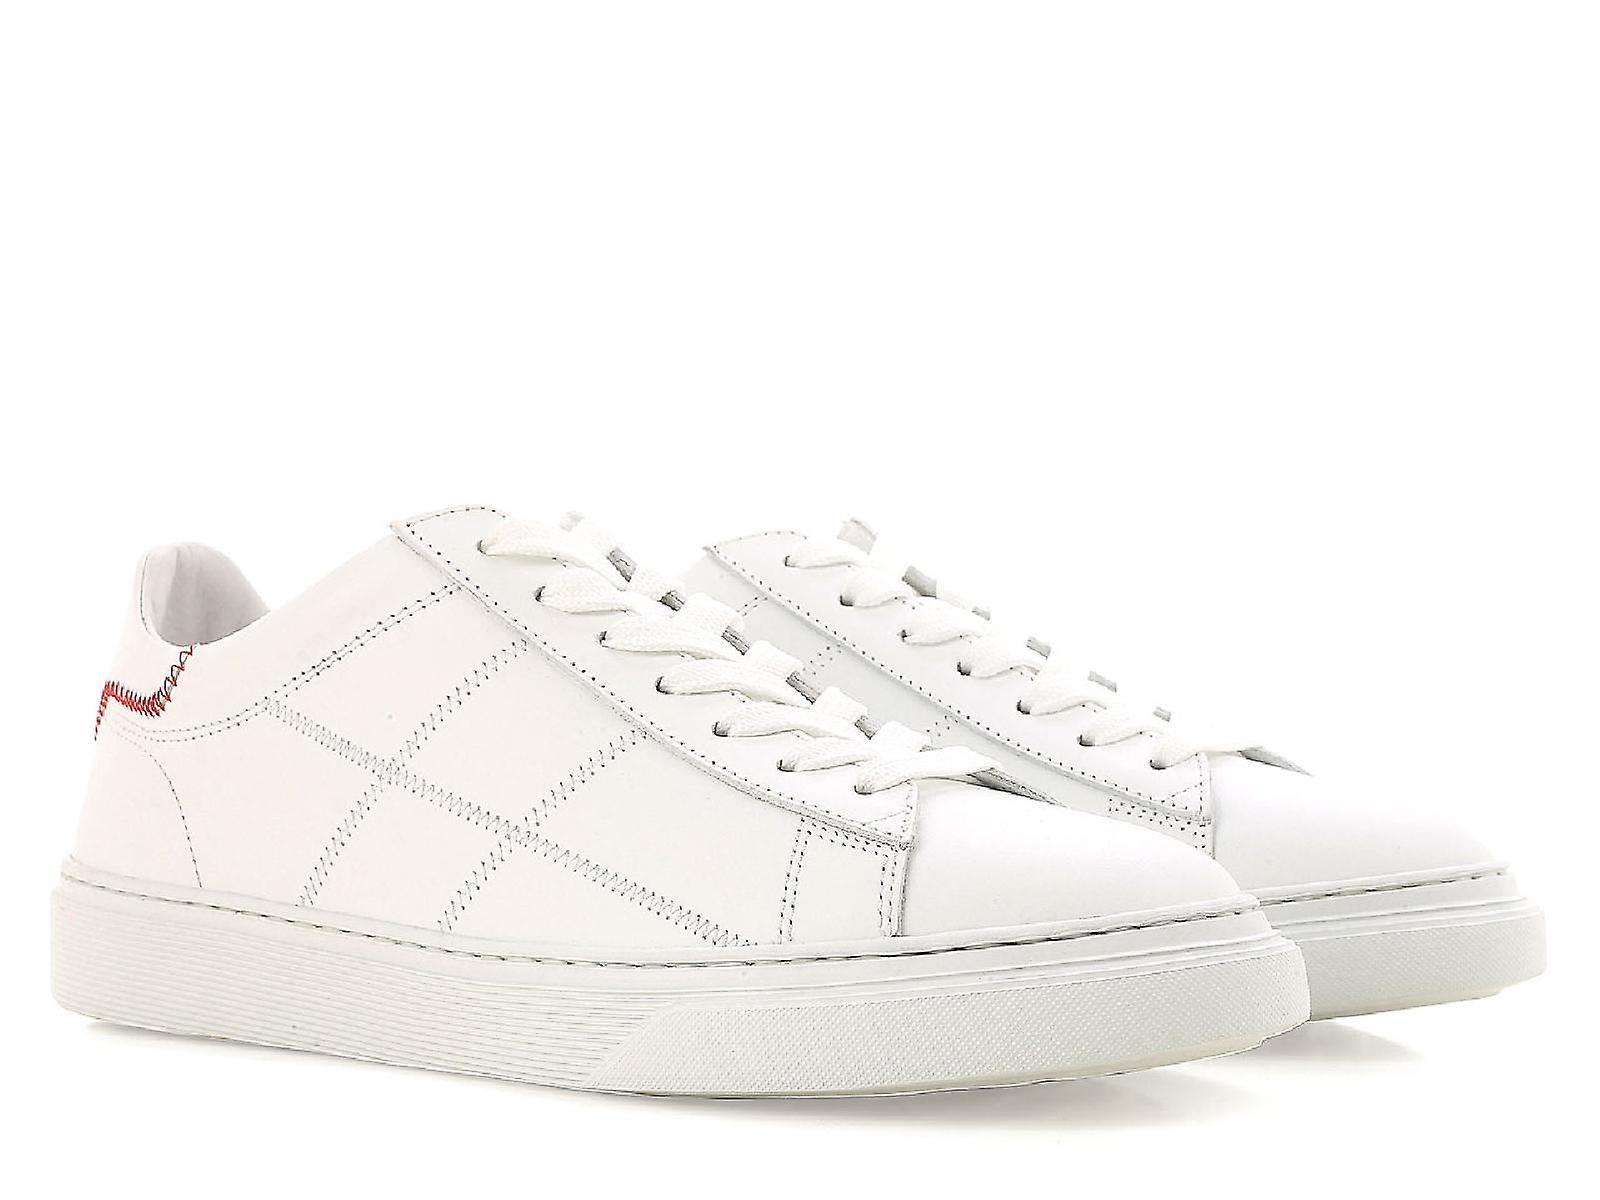 62674a81f4a Hogan lage top sneakers Damesschoenen in wit leder | Fruugo